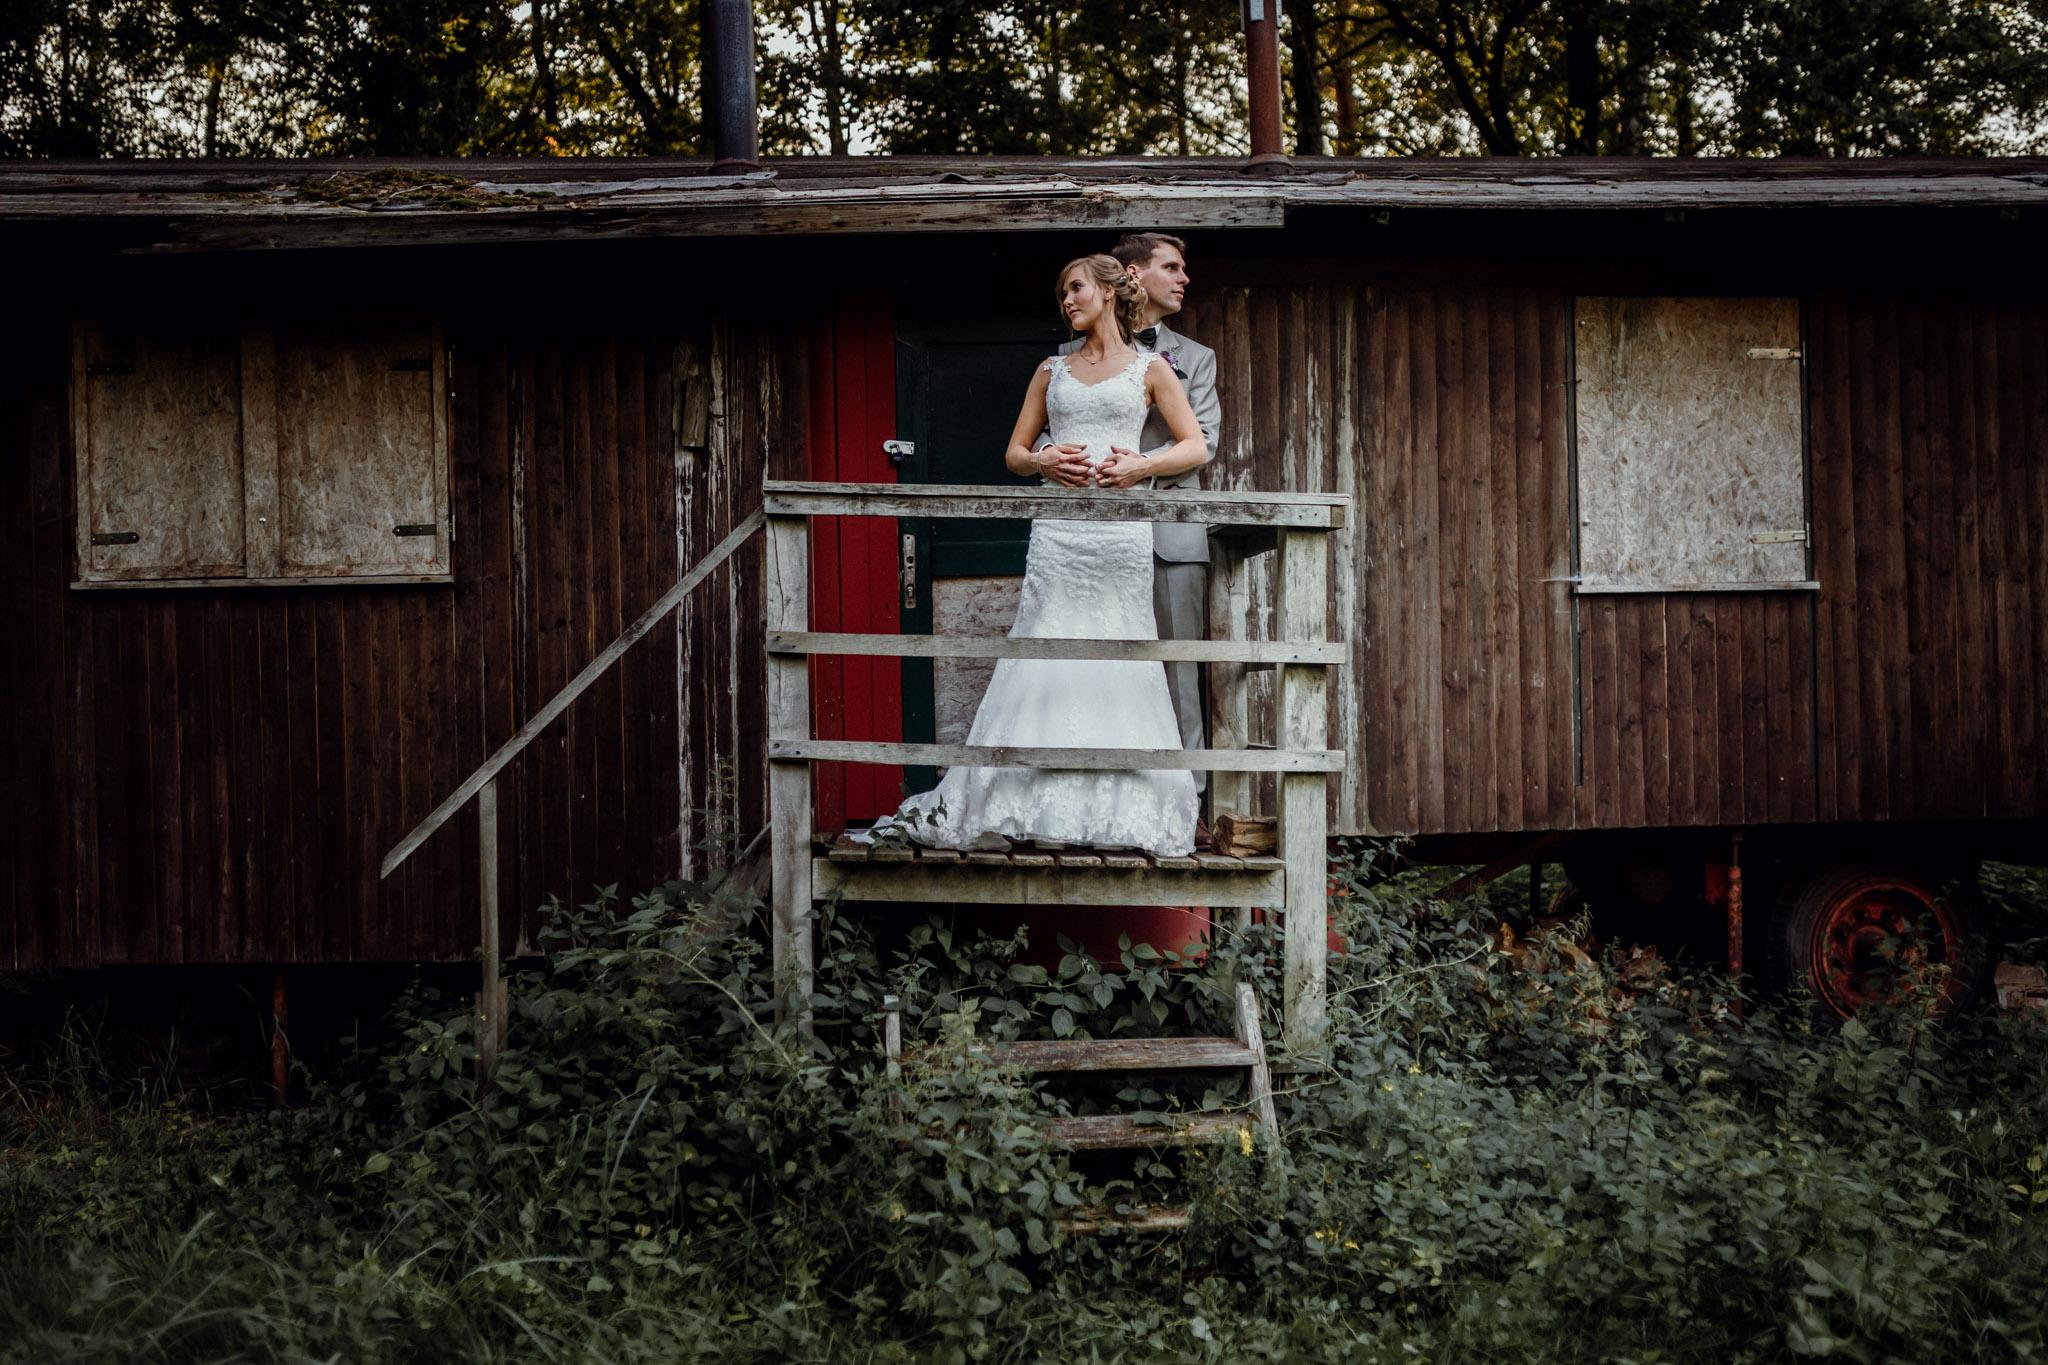 Sven Schomburg Hochzeitsfotografie, Hamburg, Mölln, Hochzeitsfieber by Photo-Schomburg, Hochzeitsreportage, Forsthaus Waldhusen, Braut, Bräutigam-77